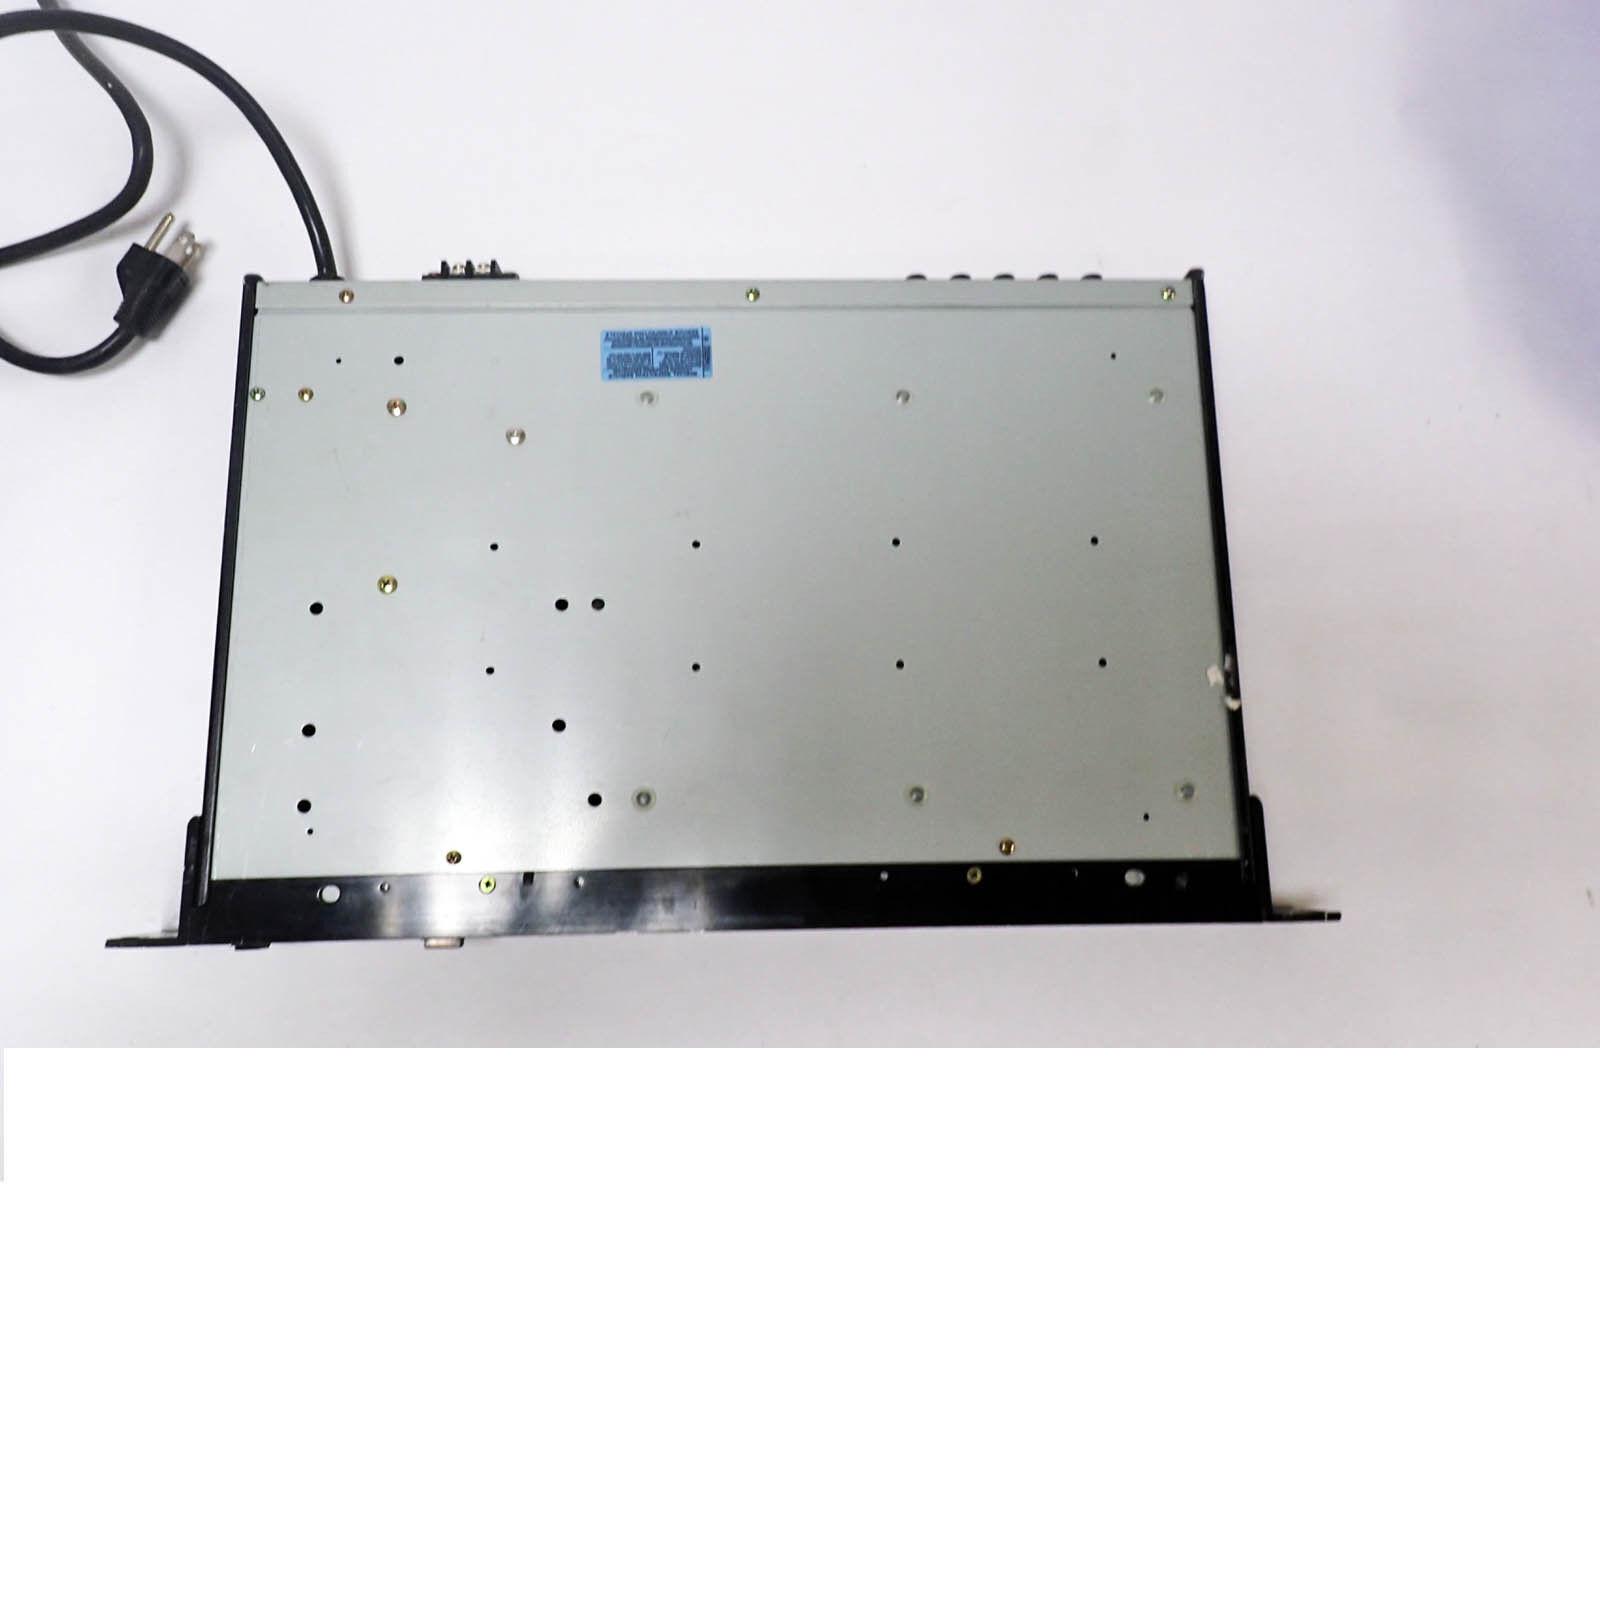 Toa Unidad De Control Electrónico AC-controlador electrónico de 120 120 120 L R altavoces y sub f7bb1d